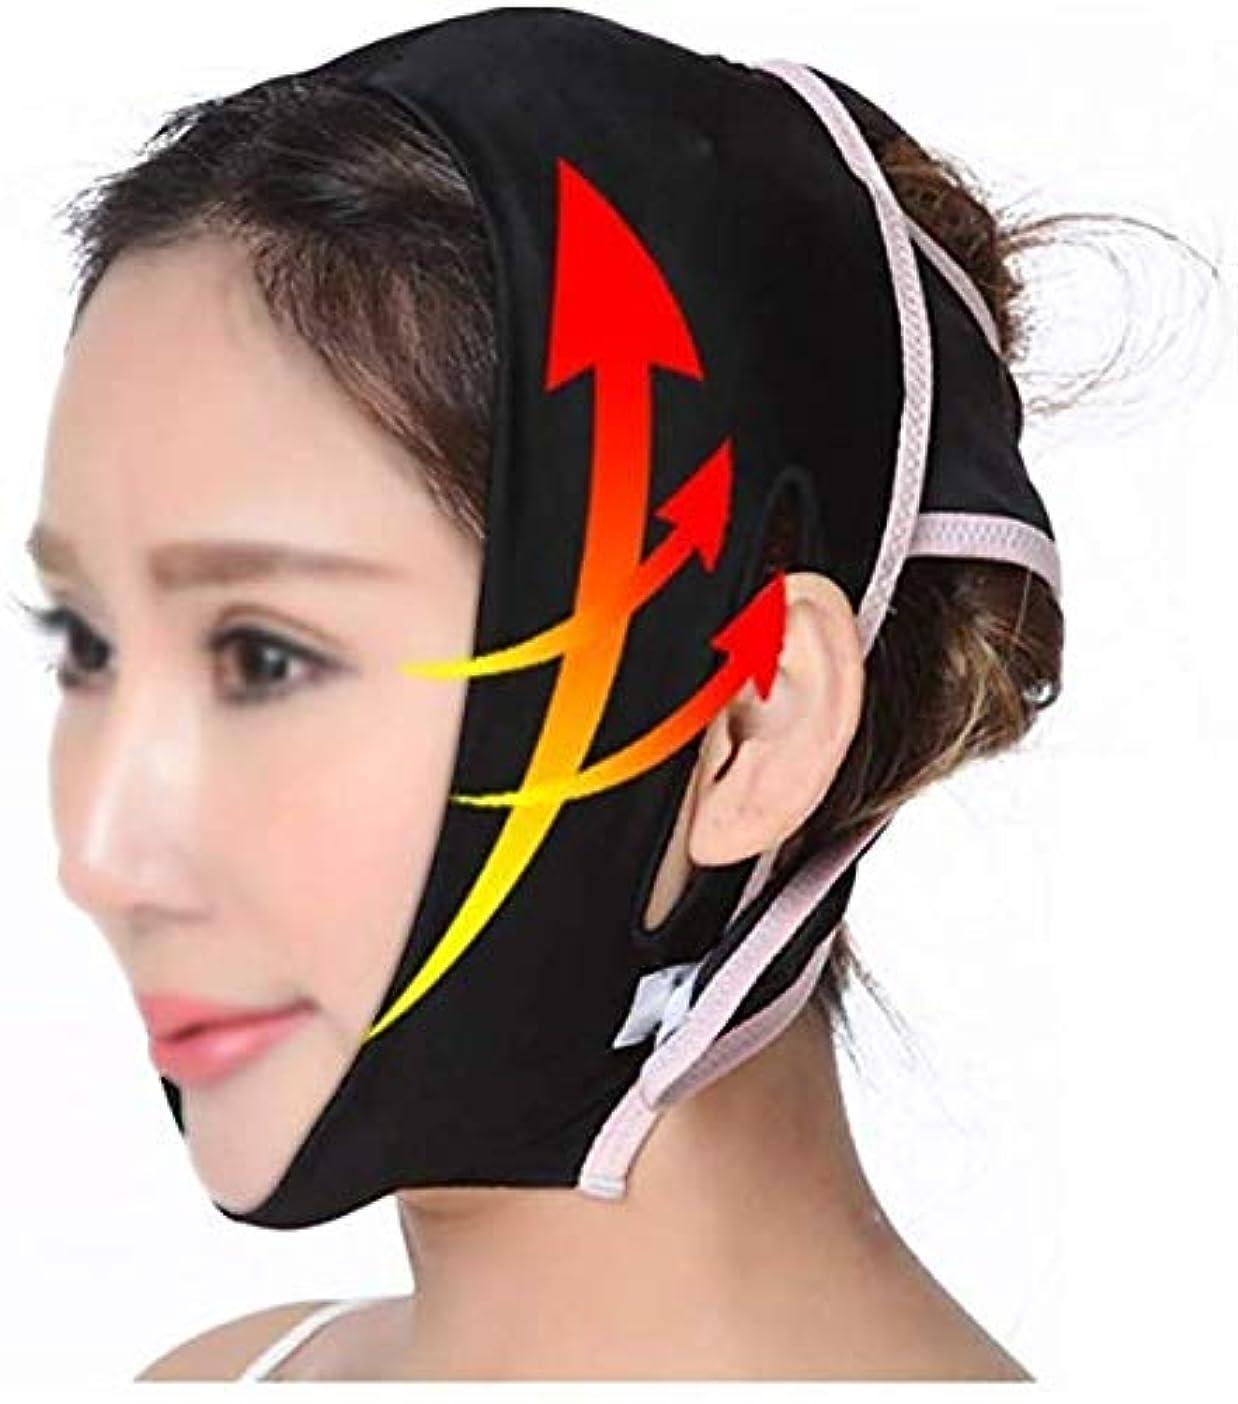 ブロッサム発明肉腫美容と実用的なフェイスリフトマスク、フェイシャルマスクスリープフェイスシェーピングフェイスバンデージフェイシャルリフティングVフェイスフェイスアーティファクトリカバリー通気性ネックストラップ(サイズ:L)